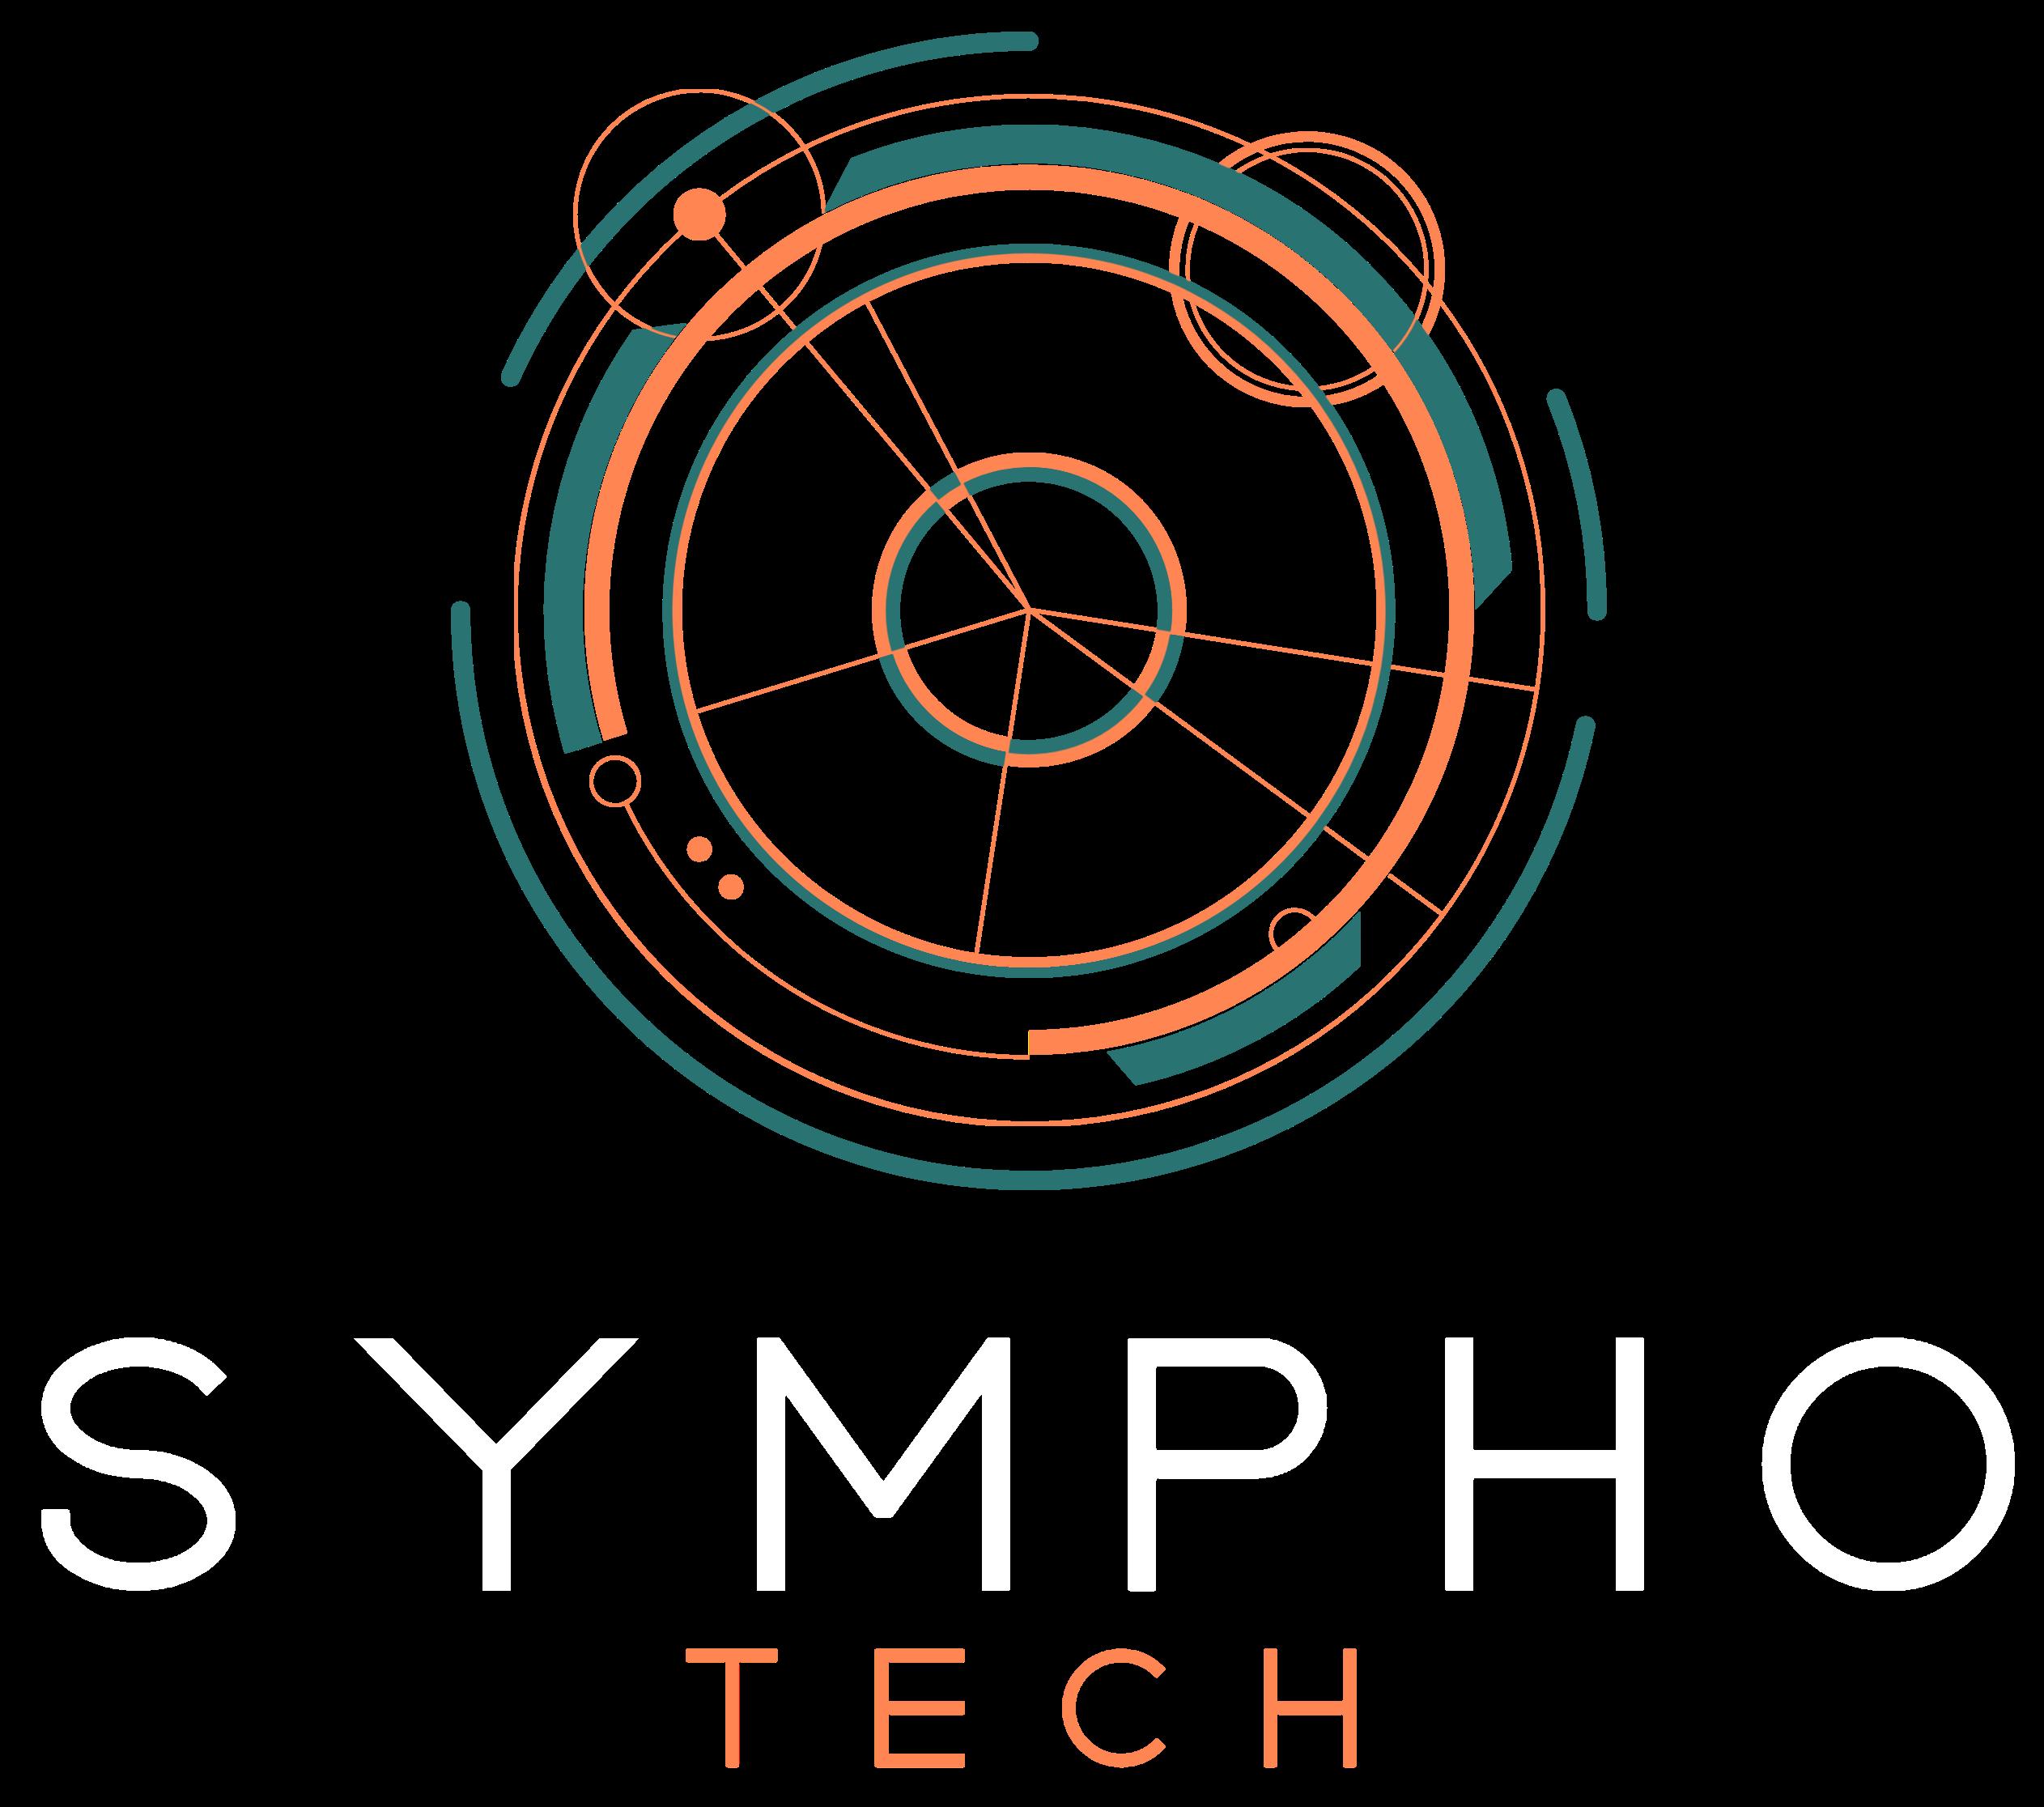 SymphoTech_2 - Imagotipo_azul